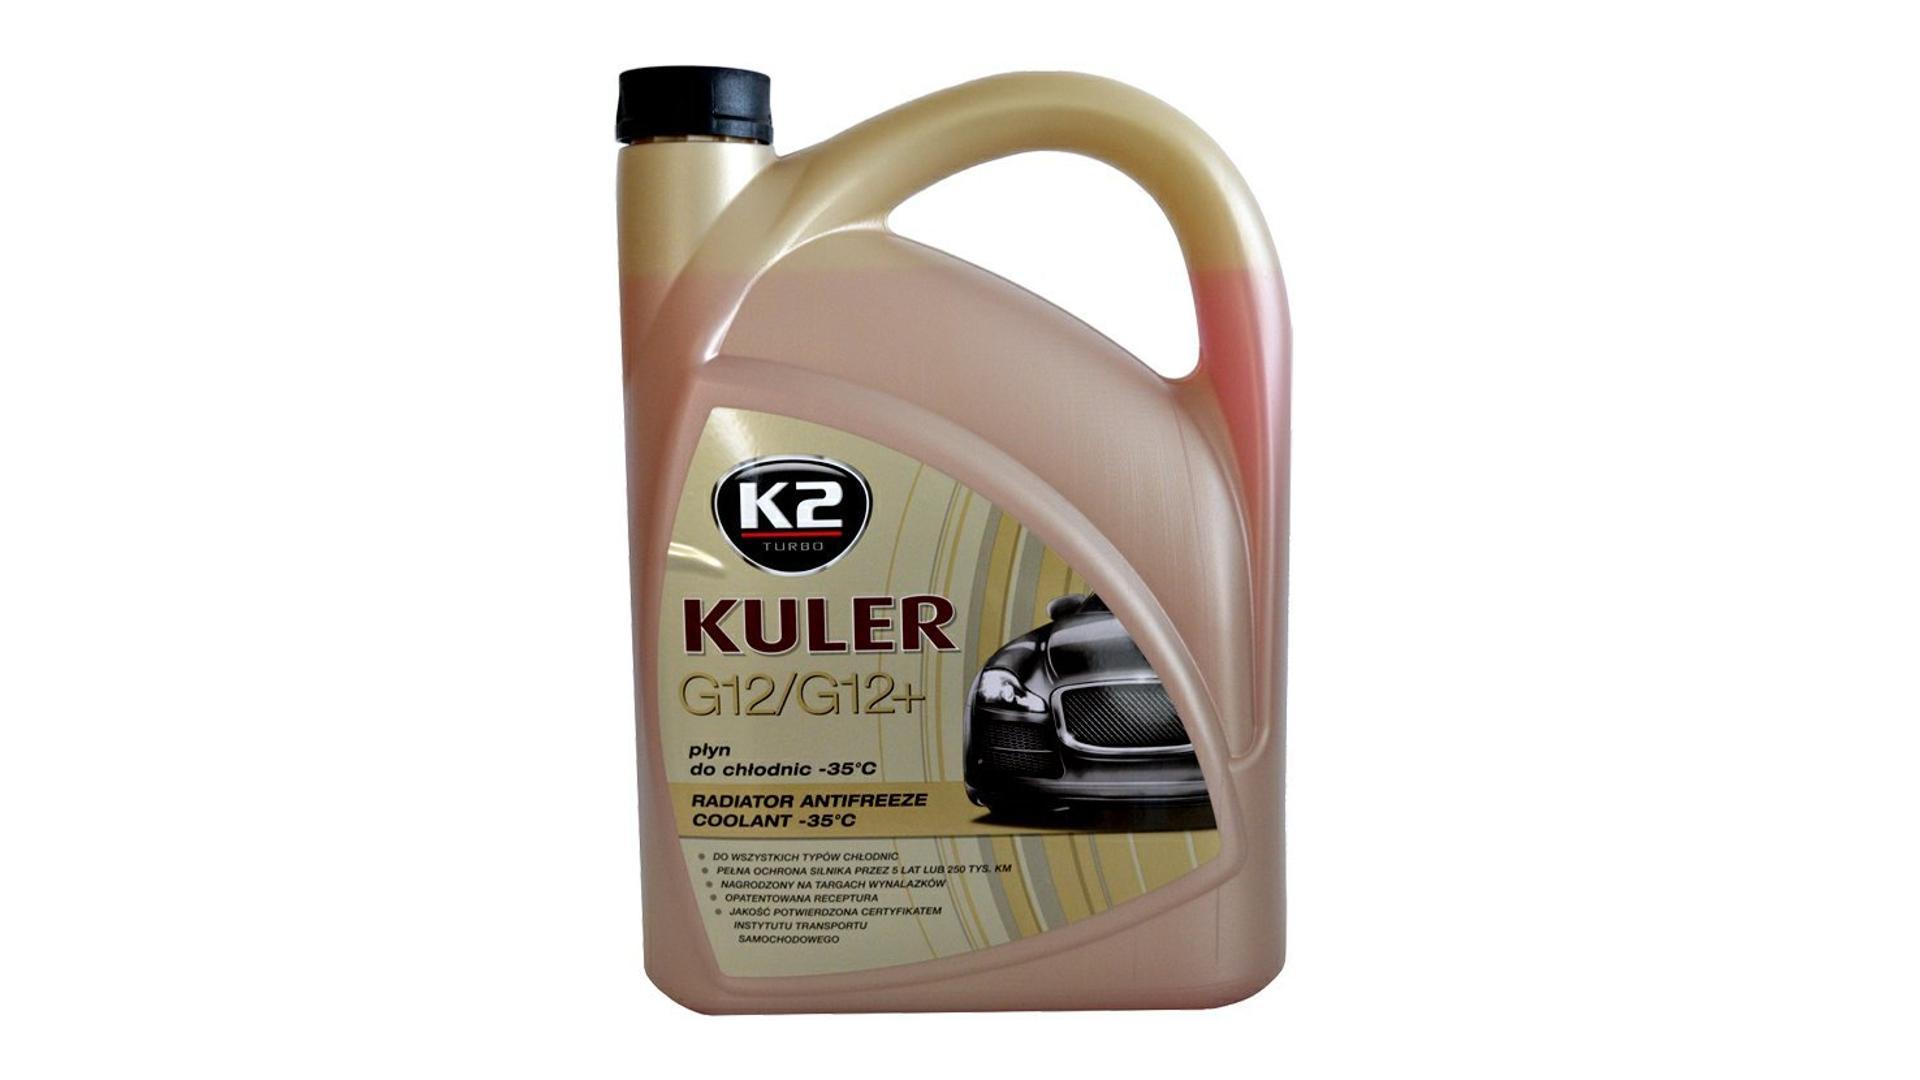 K2 KULER G12/G12+ ČERVENÁ 1l - nemrznoucí kapalina do chladiče do -35 °C